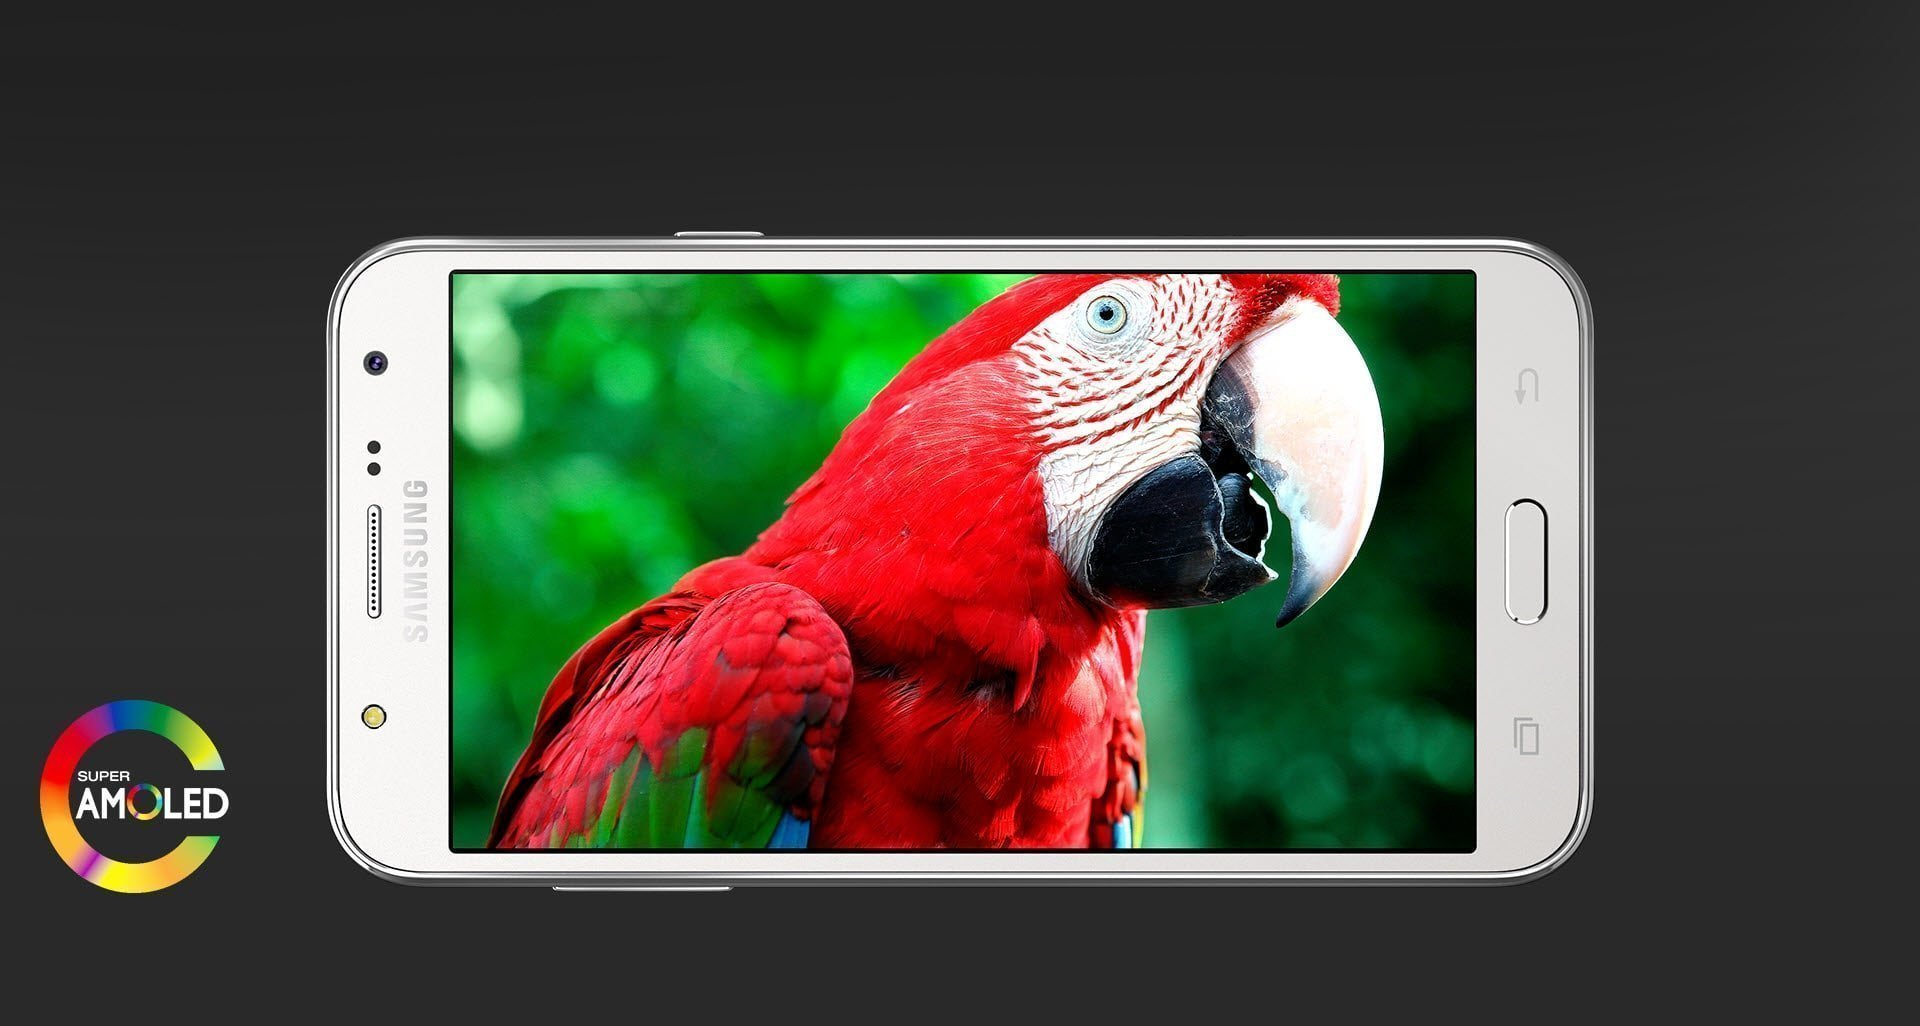 smartphone-samsung-galaxy-j5-ecran-super-amoled